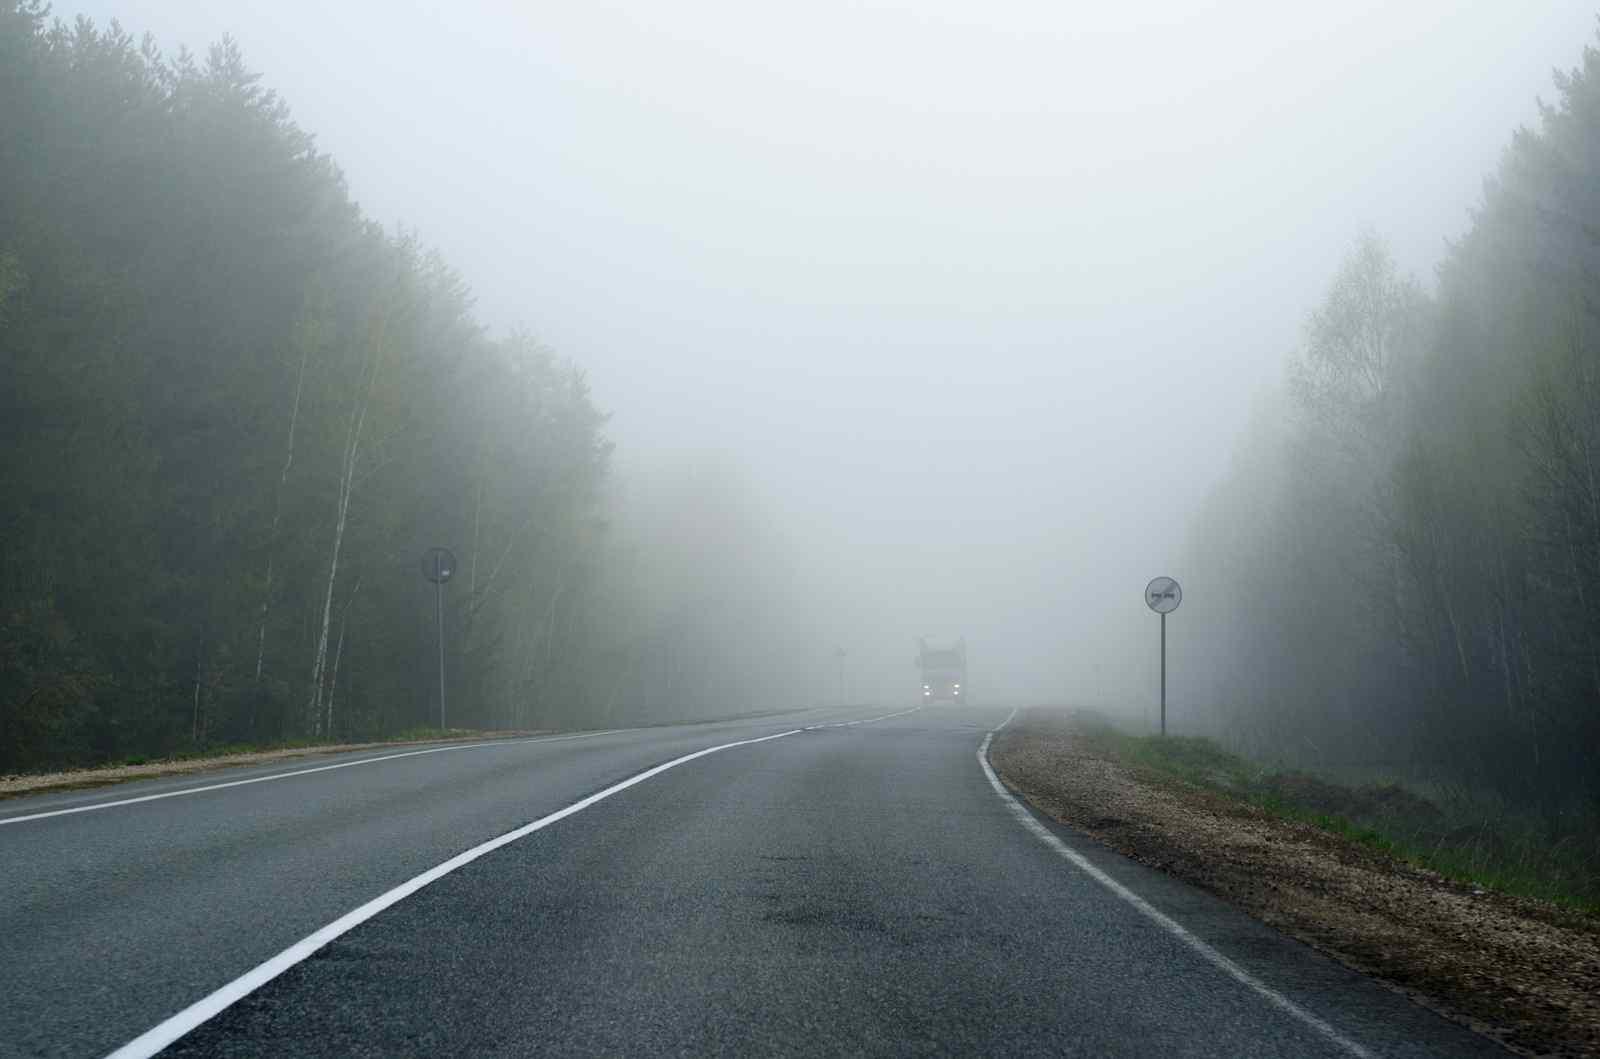 Прикарпатців попереджають про погану видимість на дорогах через туман